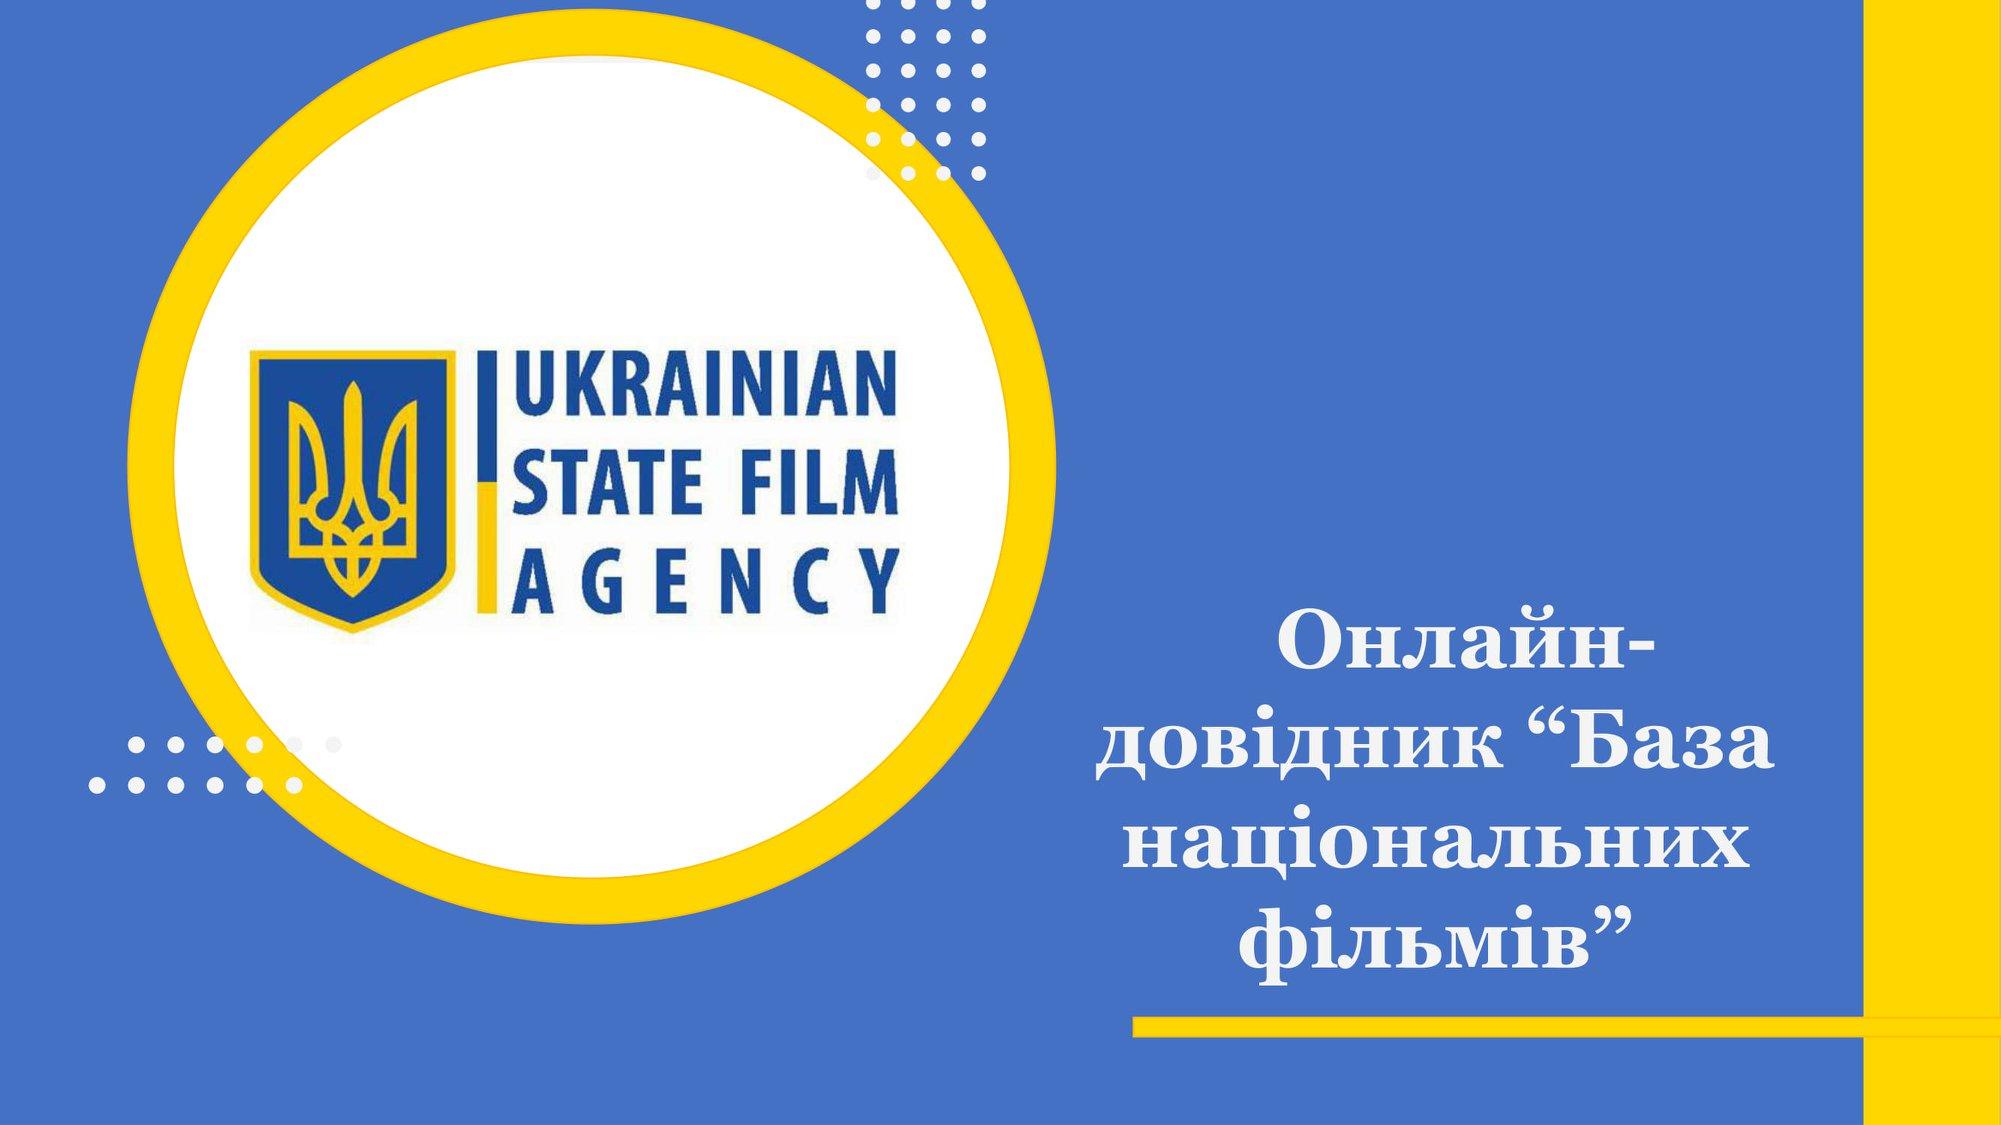 В Україні створили онлайн-довідник національних фільмів - українське кіно, кіно - 150840257 2923722347860134 537968362944867190 o